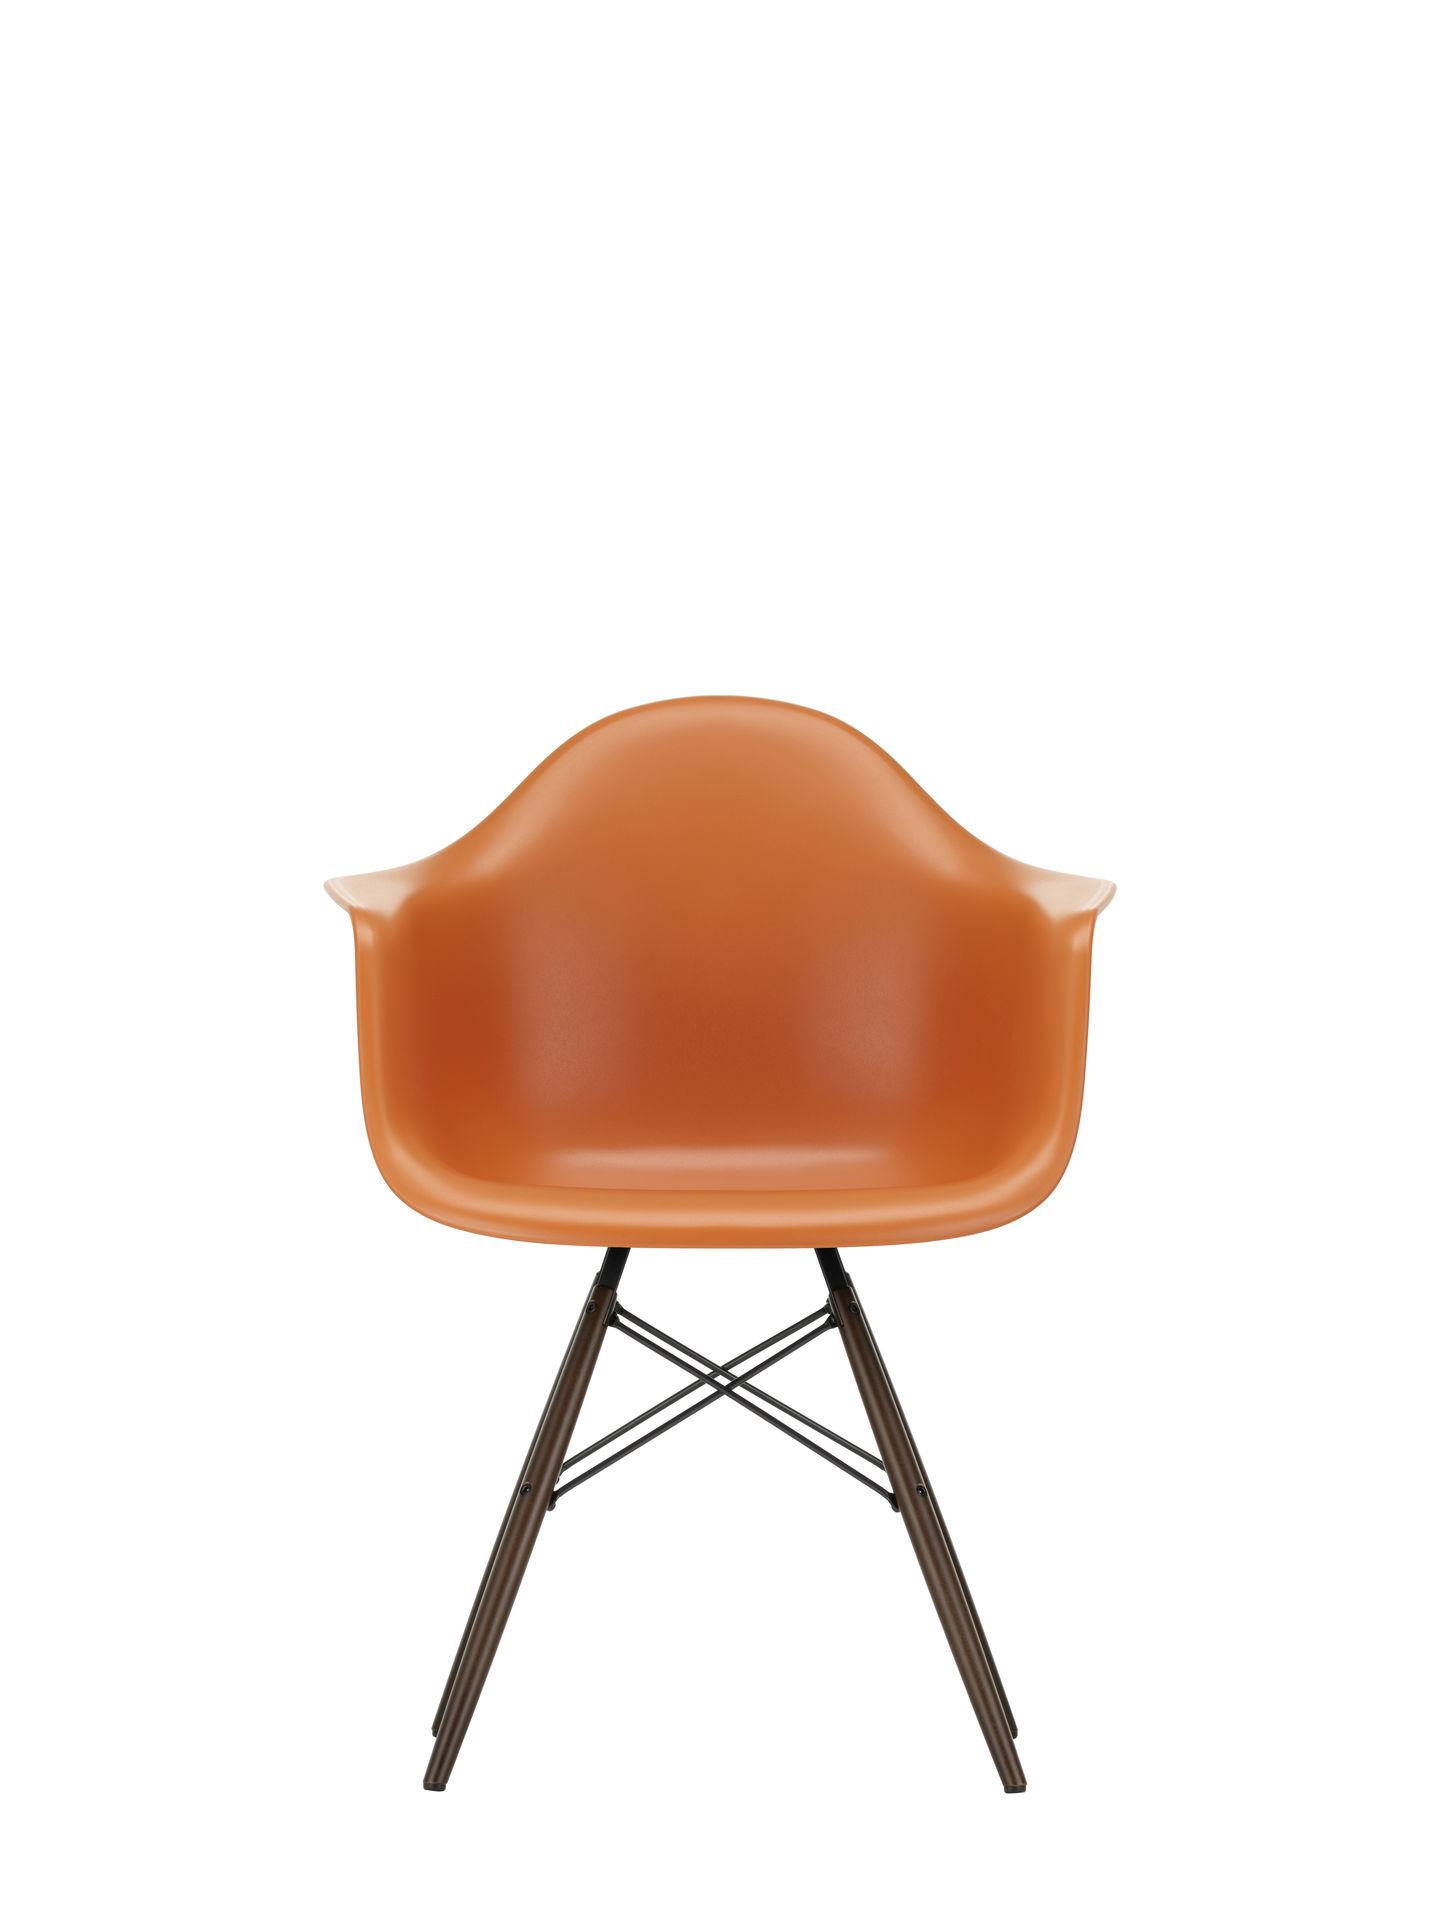 Eames Plastic Arm Chair DAW Stuhl Vitra